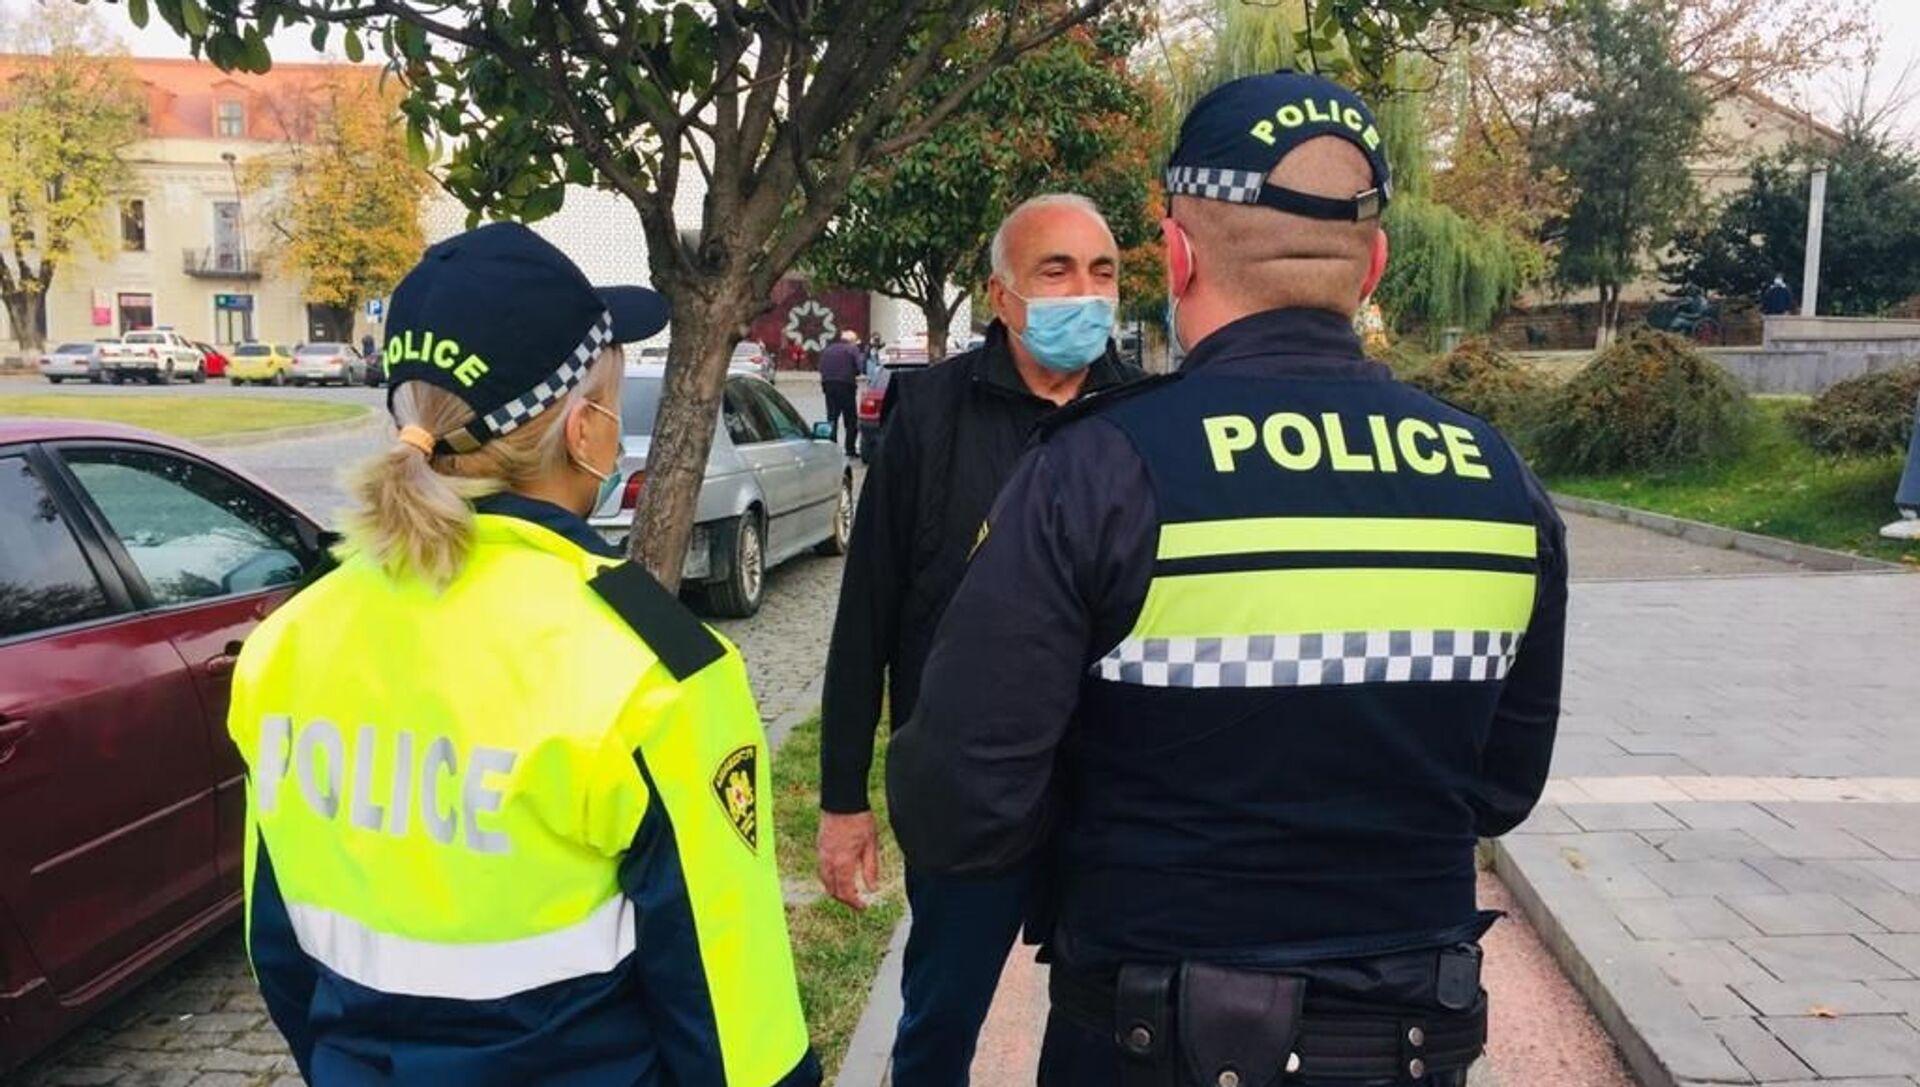 Эпидемия коронавируса - полиция проверяет ношение масок прохожими на улице - Sputnik Грузия, 1920, 12.02.2021